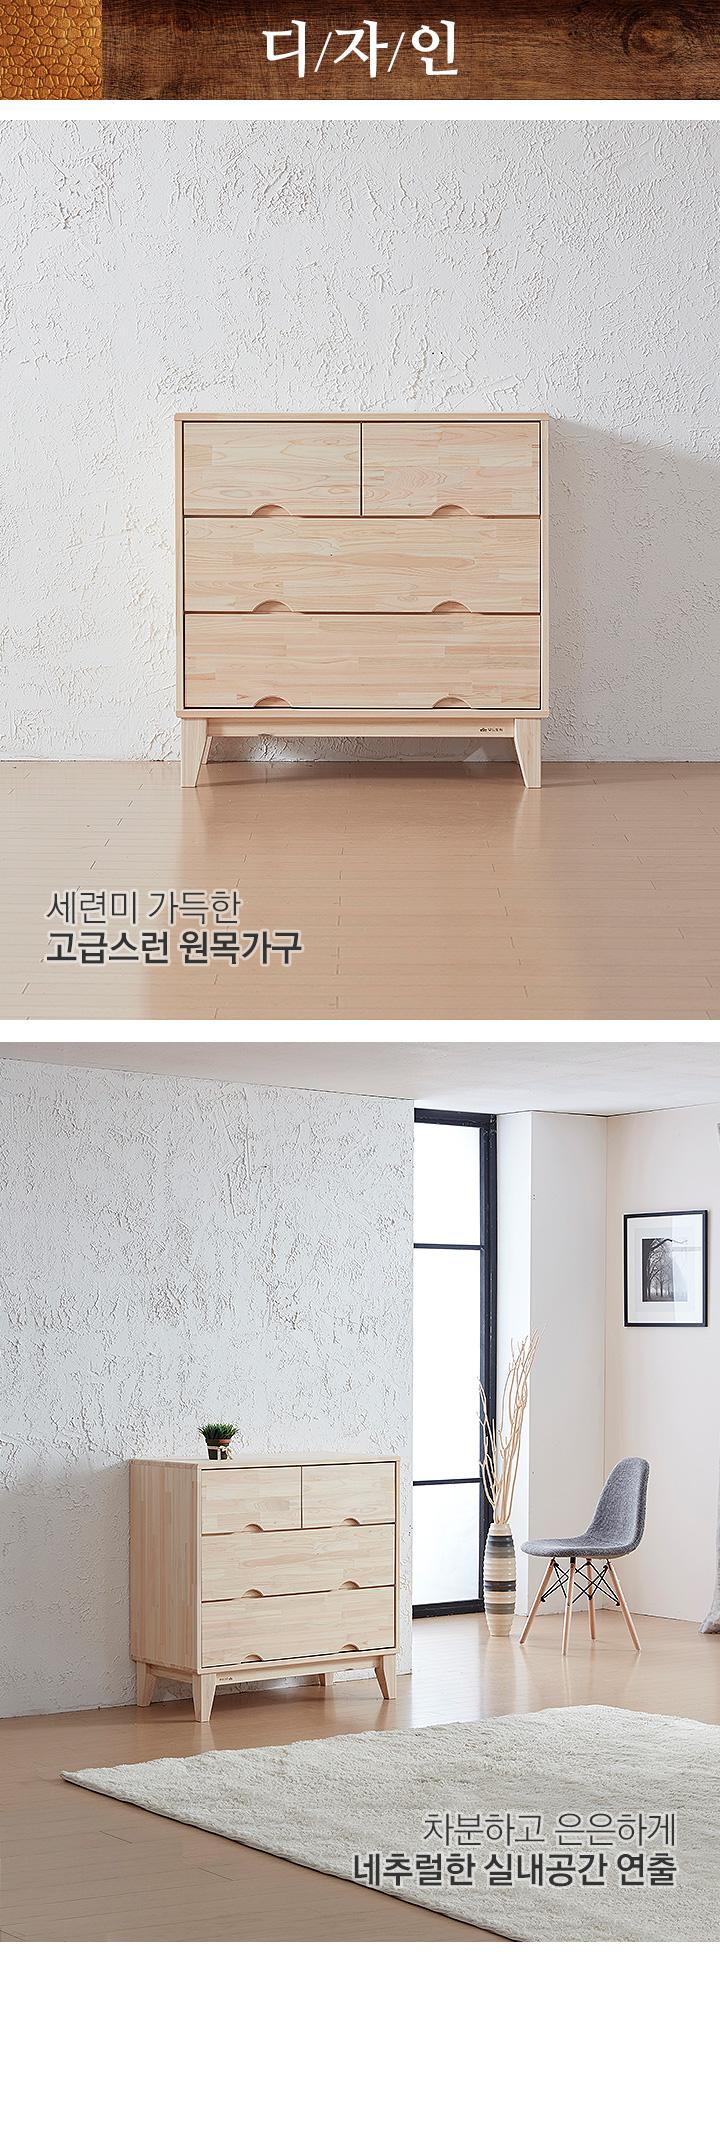 멜라인 편백나무 3단 서랍장 900mm - 우아미아이, 537,530원, 서랍장, 다용도 서랍장